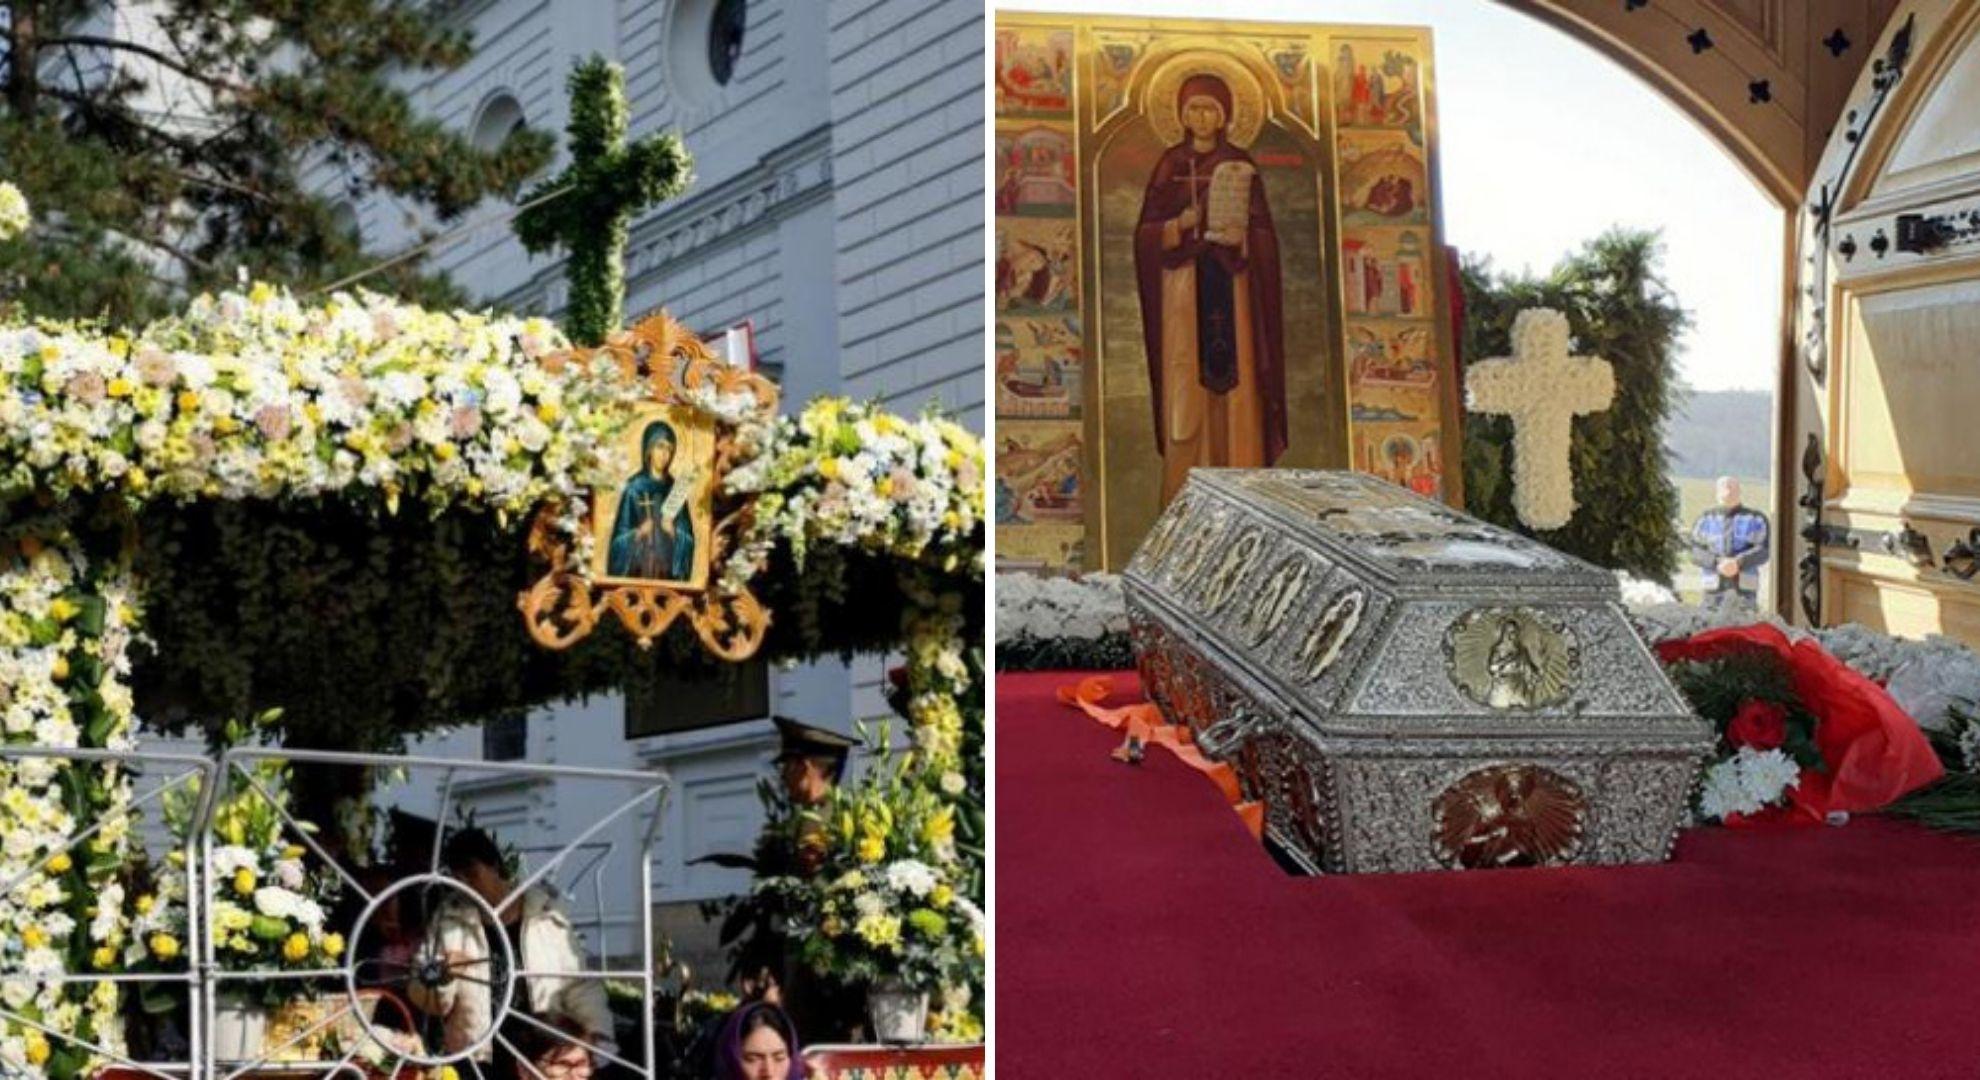 Racla cu moaștele Sfintei Parascheva va fi scoasă din Catedrala Mitropolitană Iași